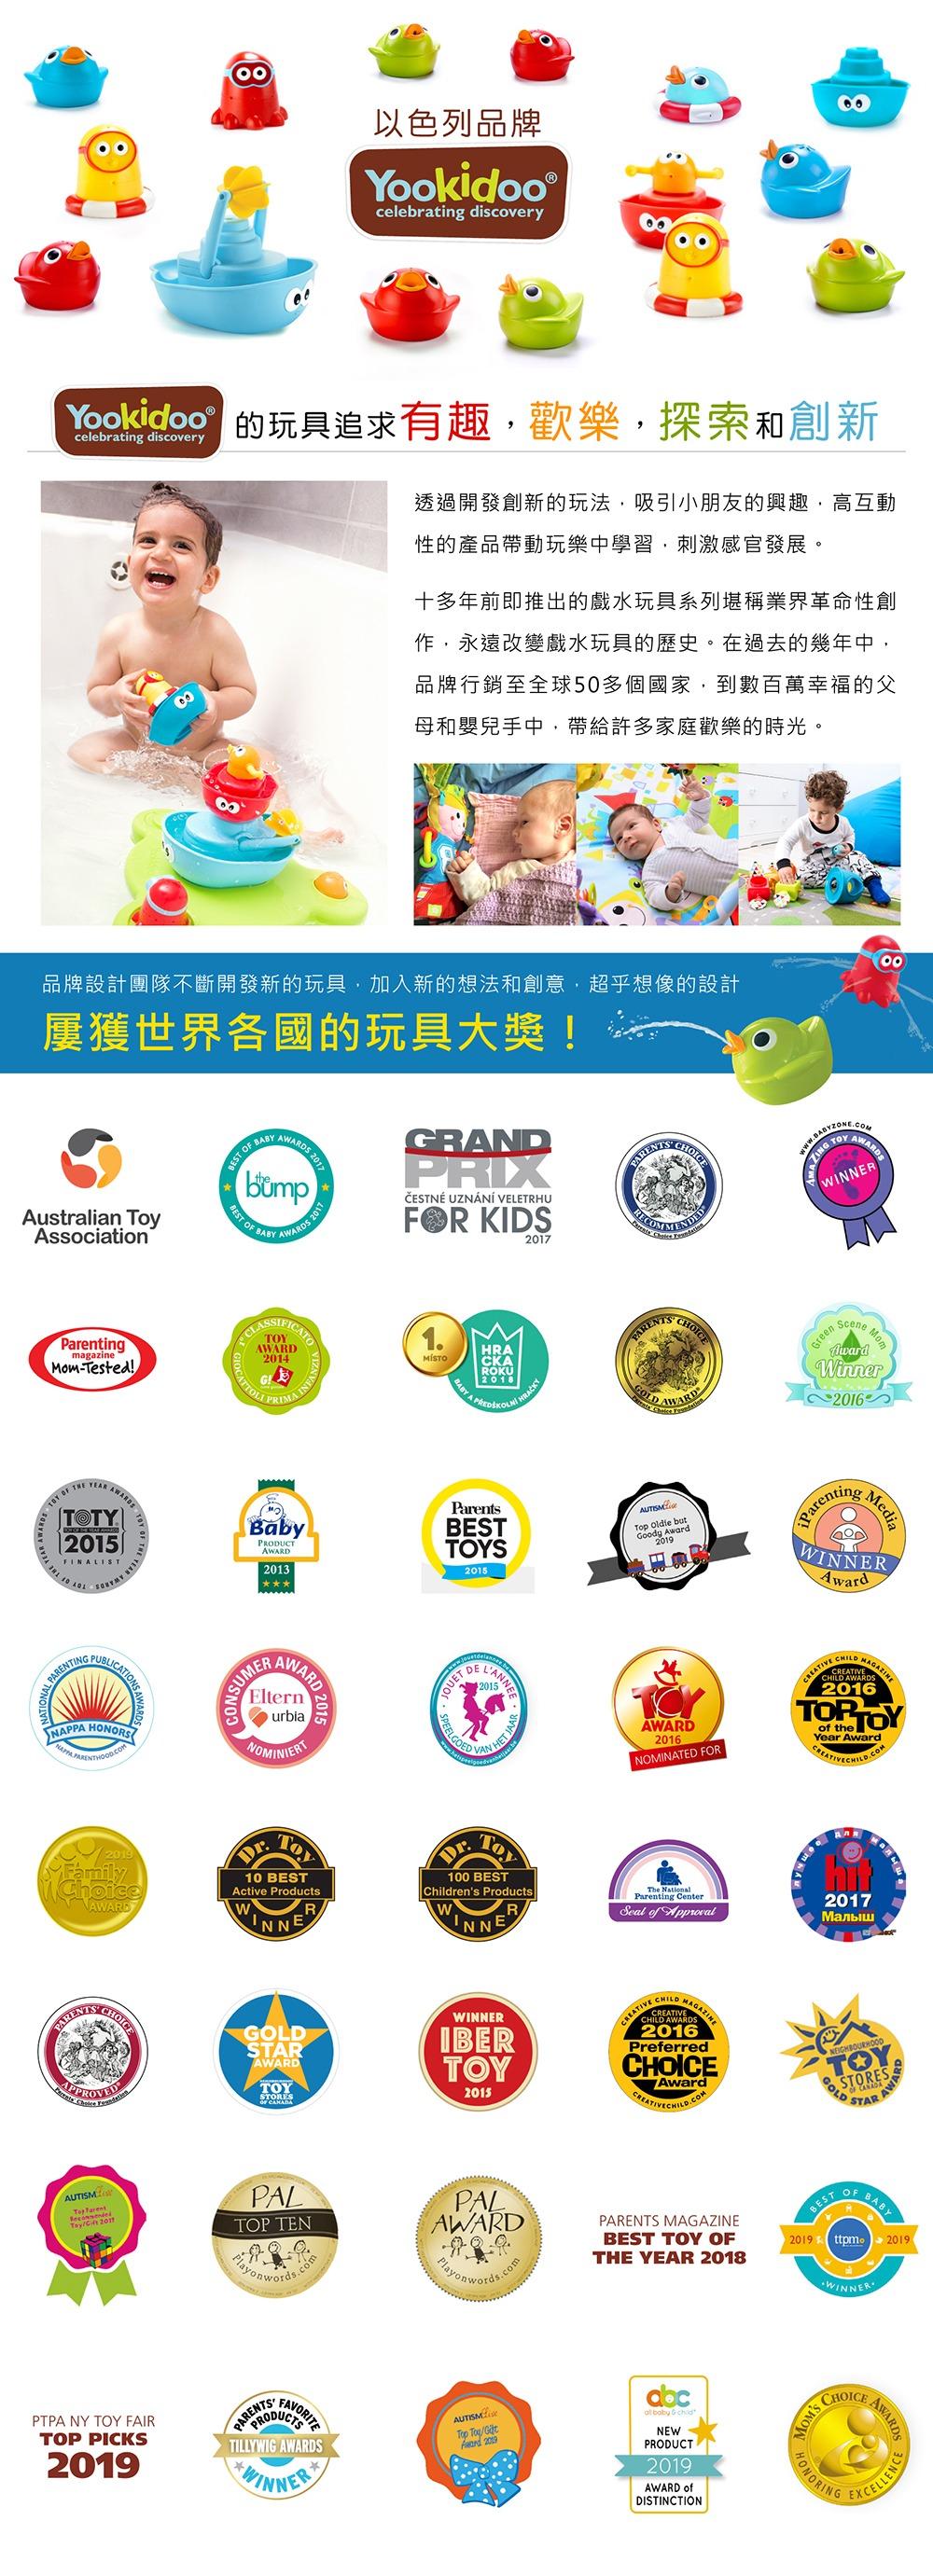 洗澡 玩具 玩水 玩具 yookidoo 洗澡 玩具